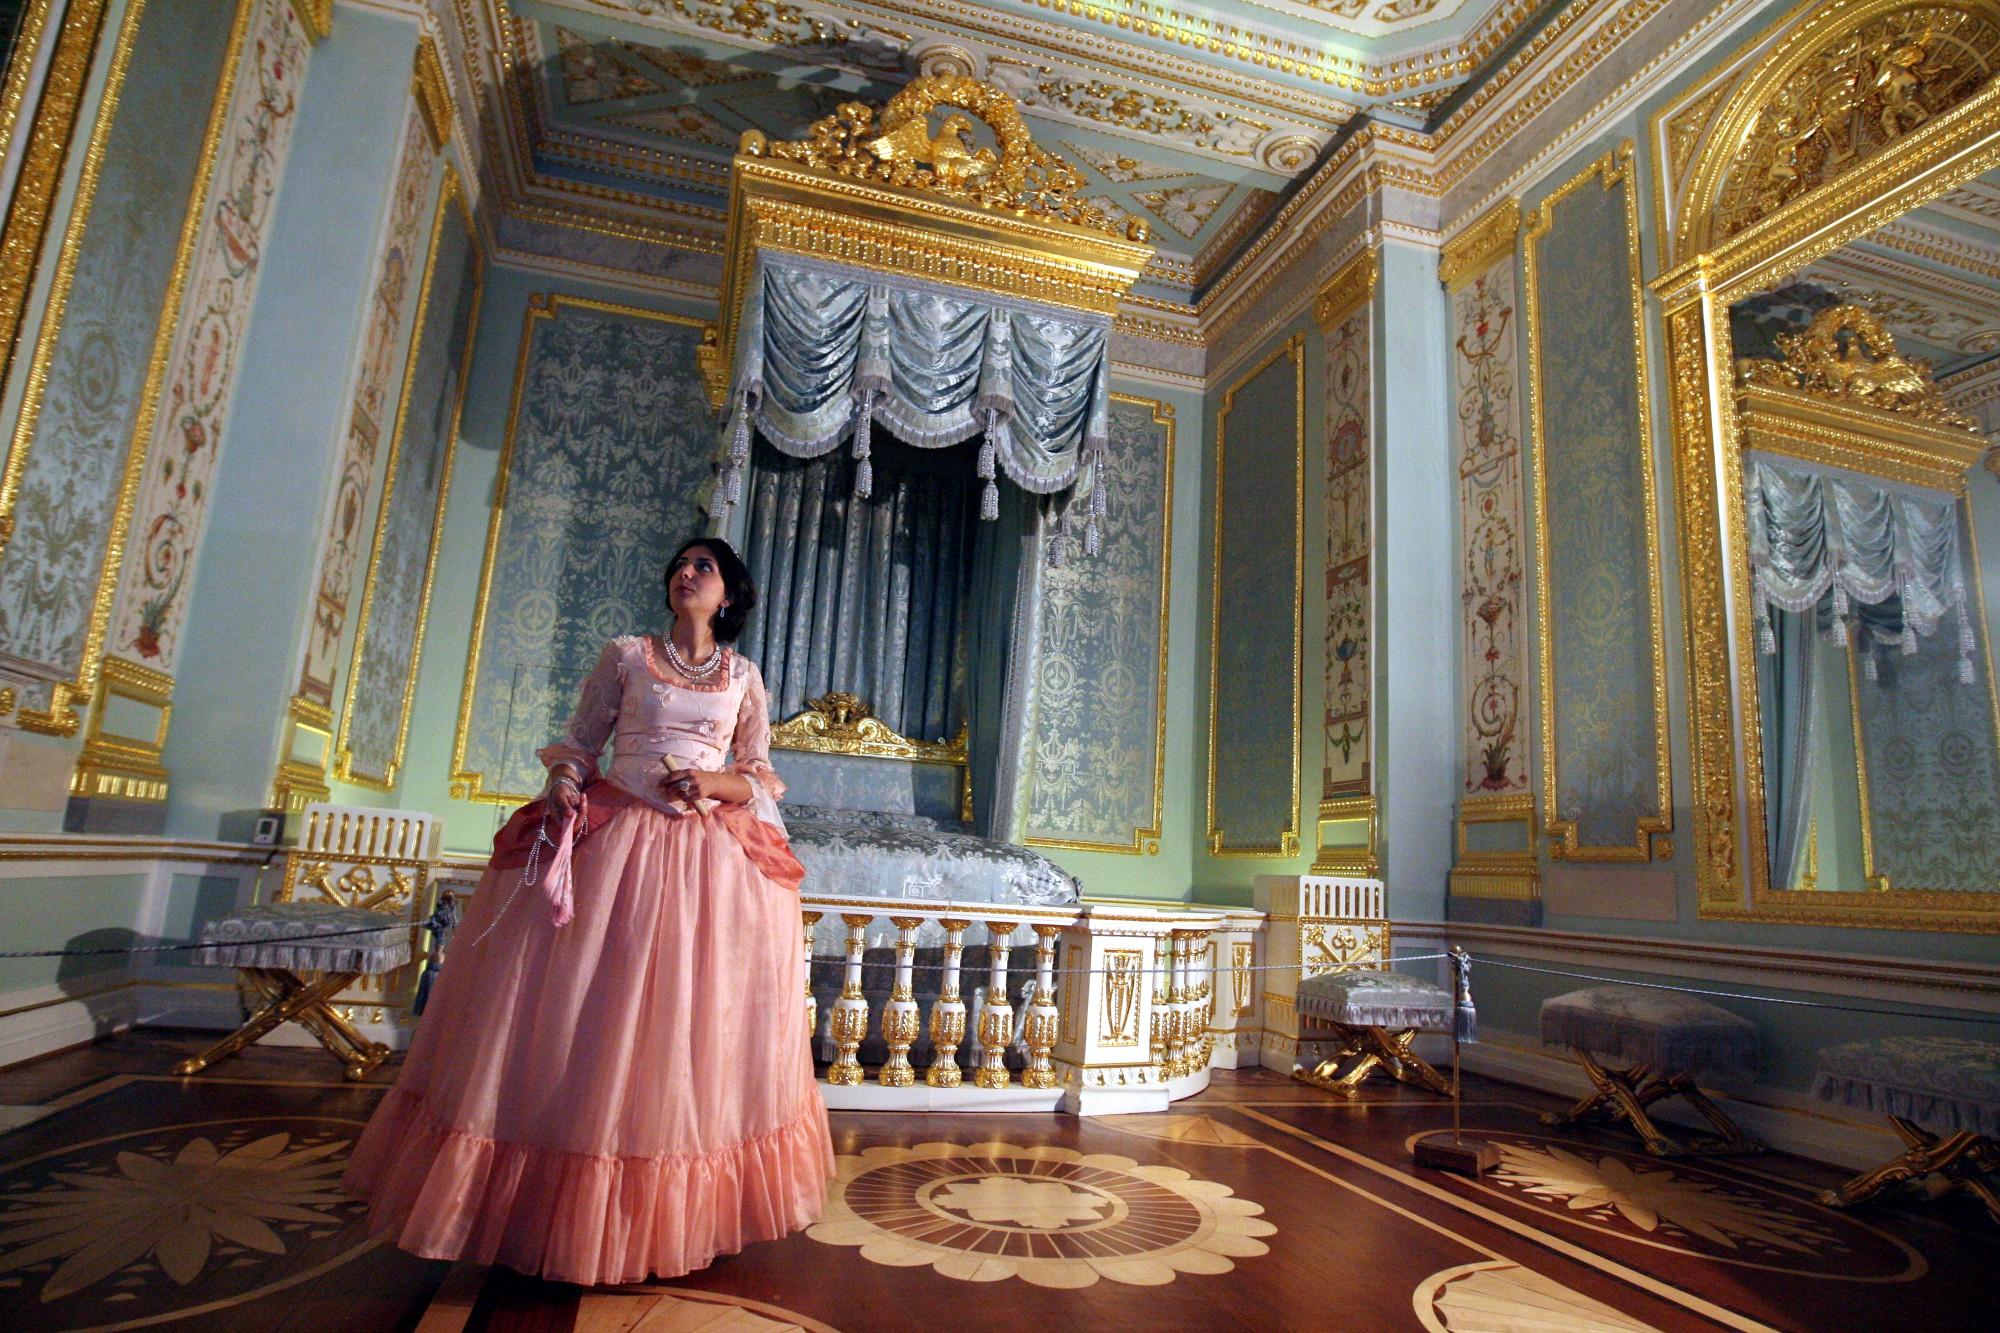 гатчинский дворец гмз гатчина исторический костюм ночь музыки